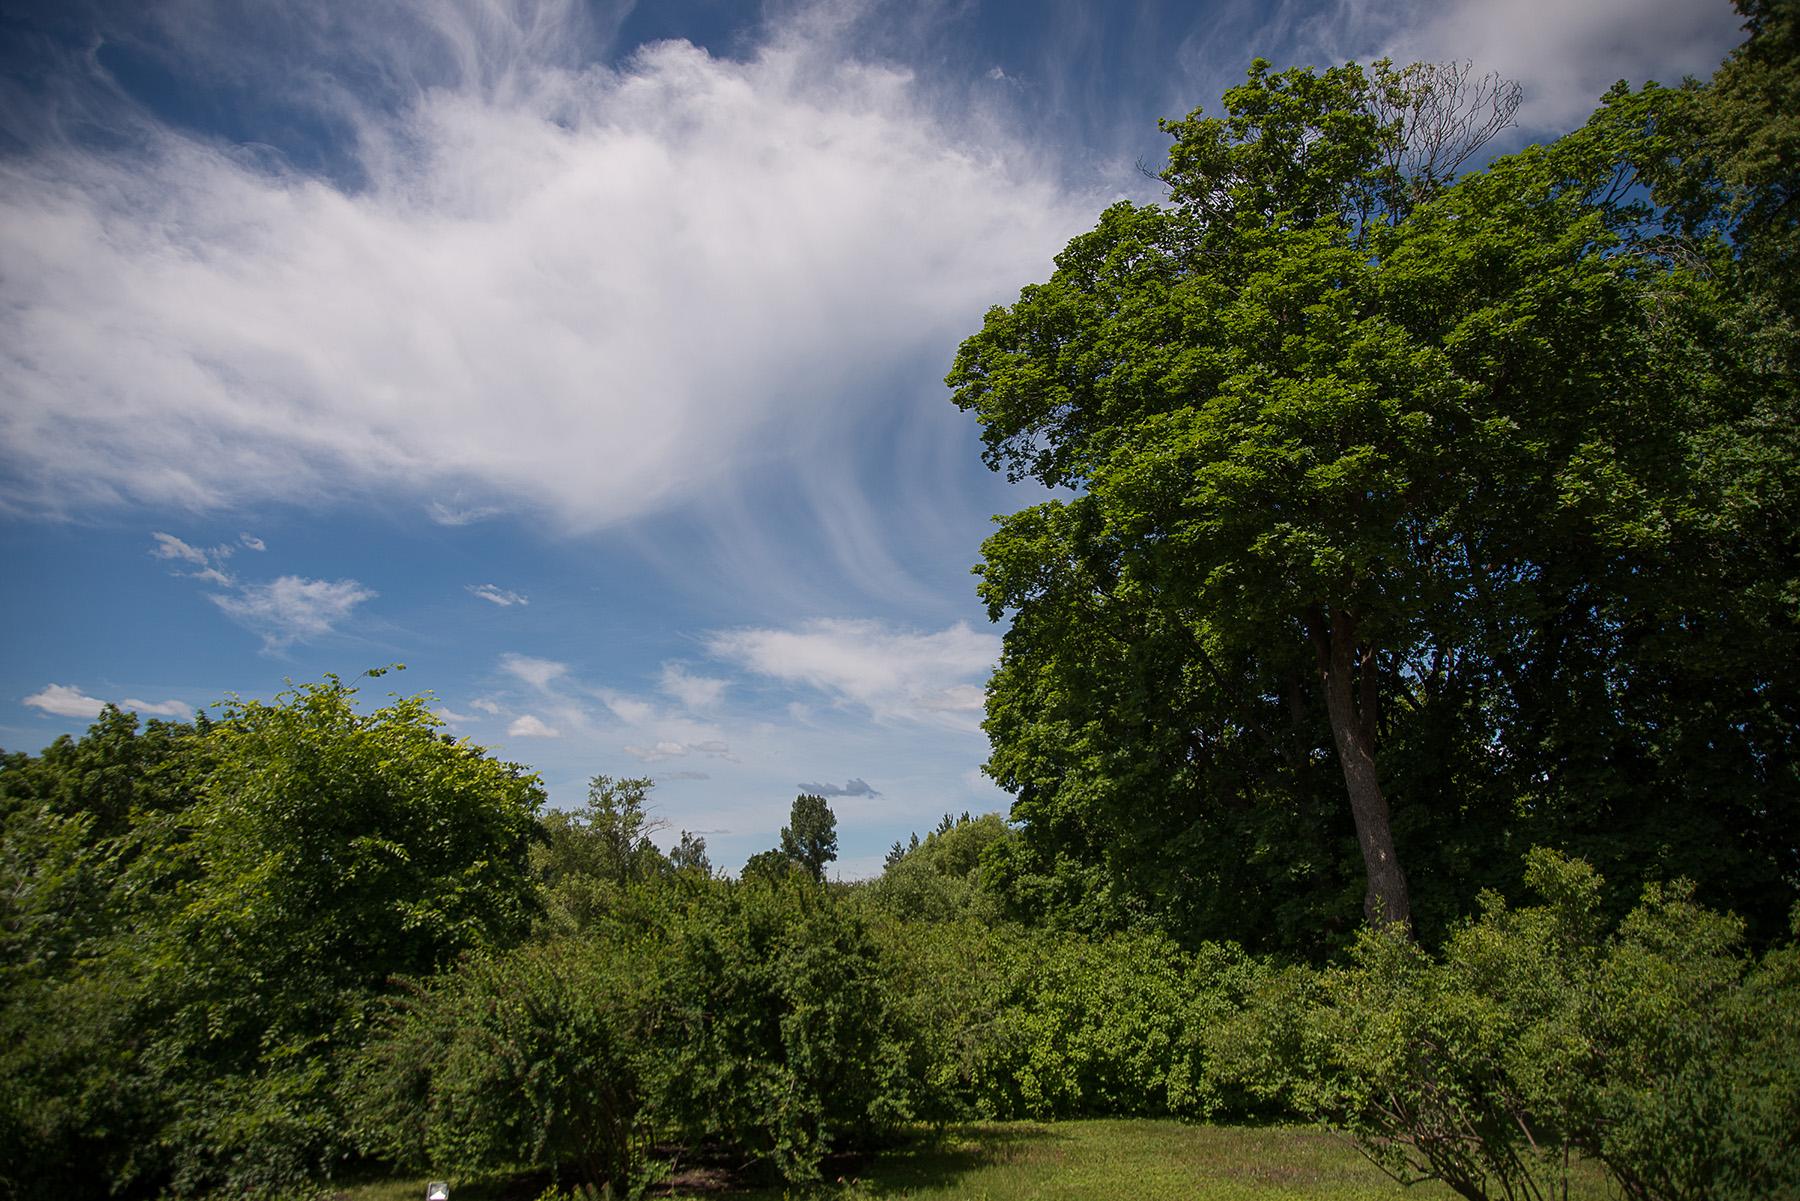 Тарханское небо. Фотозарисовки тарханских окрестностей А. Семенова. 25 июня 2020 года. Фото 5